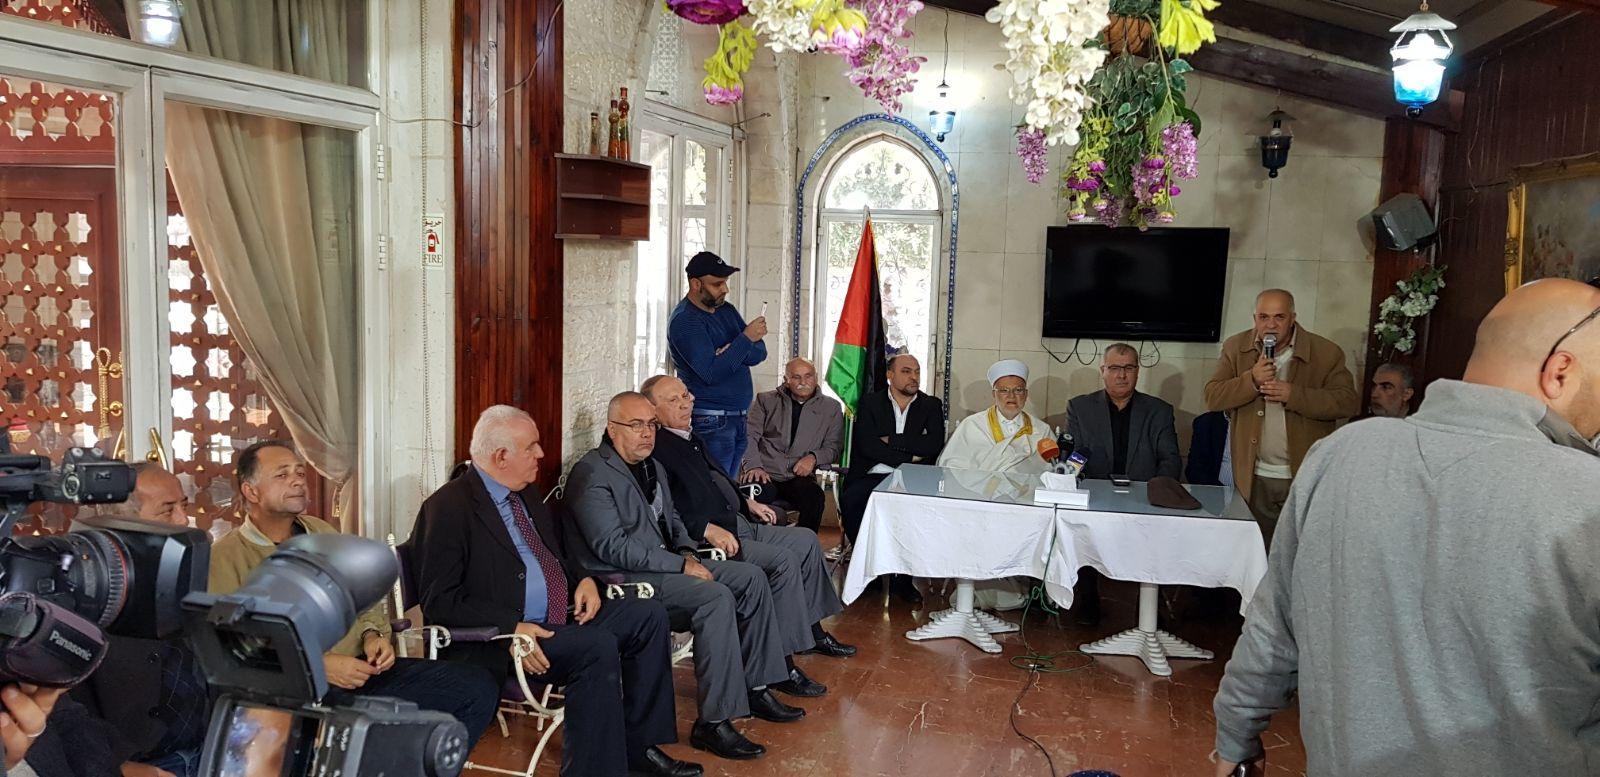 وفد المتابعة يلتقي المرجعيات الدينية في القدس